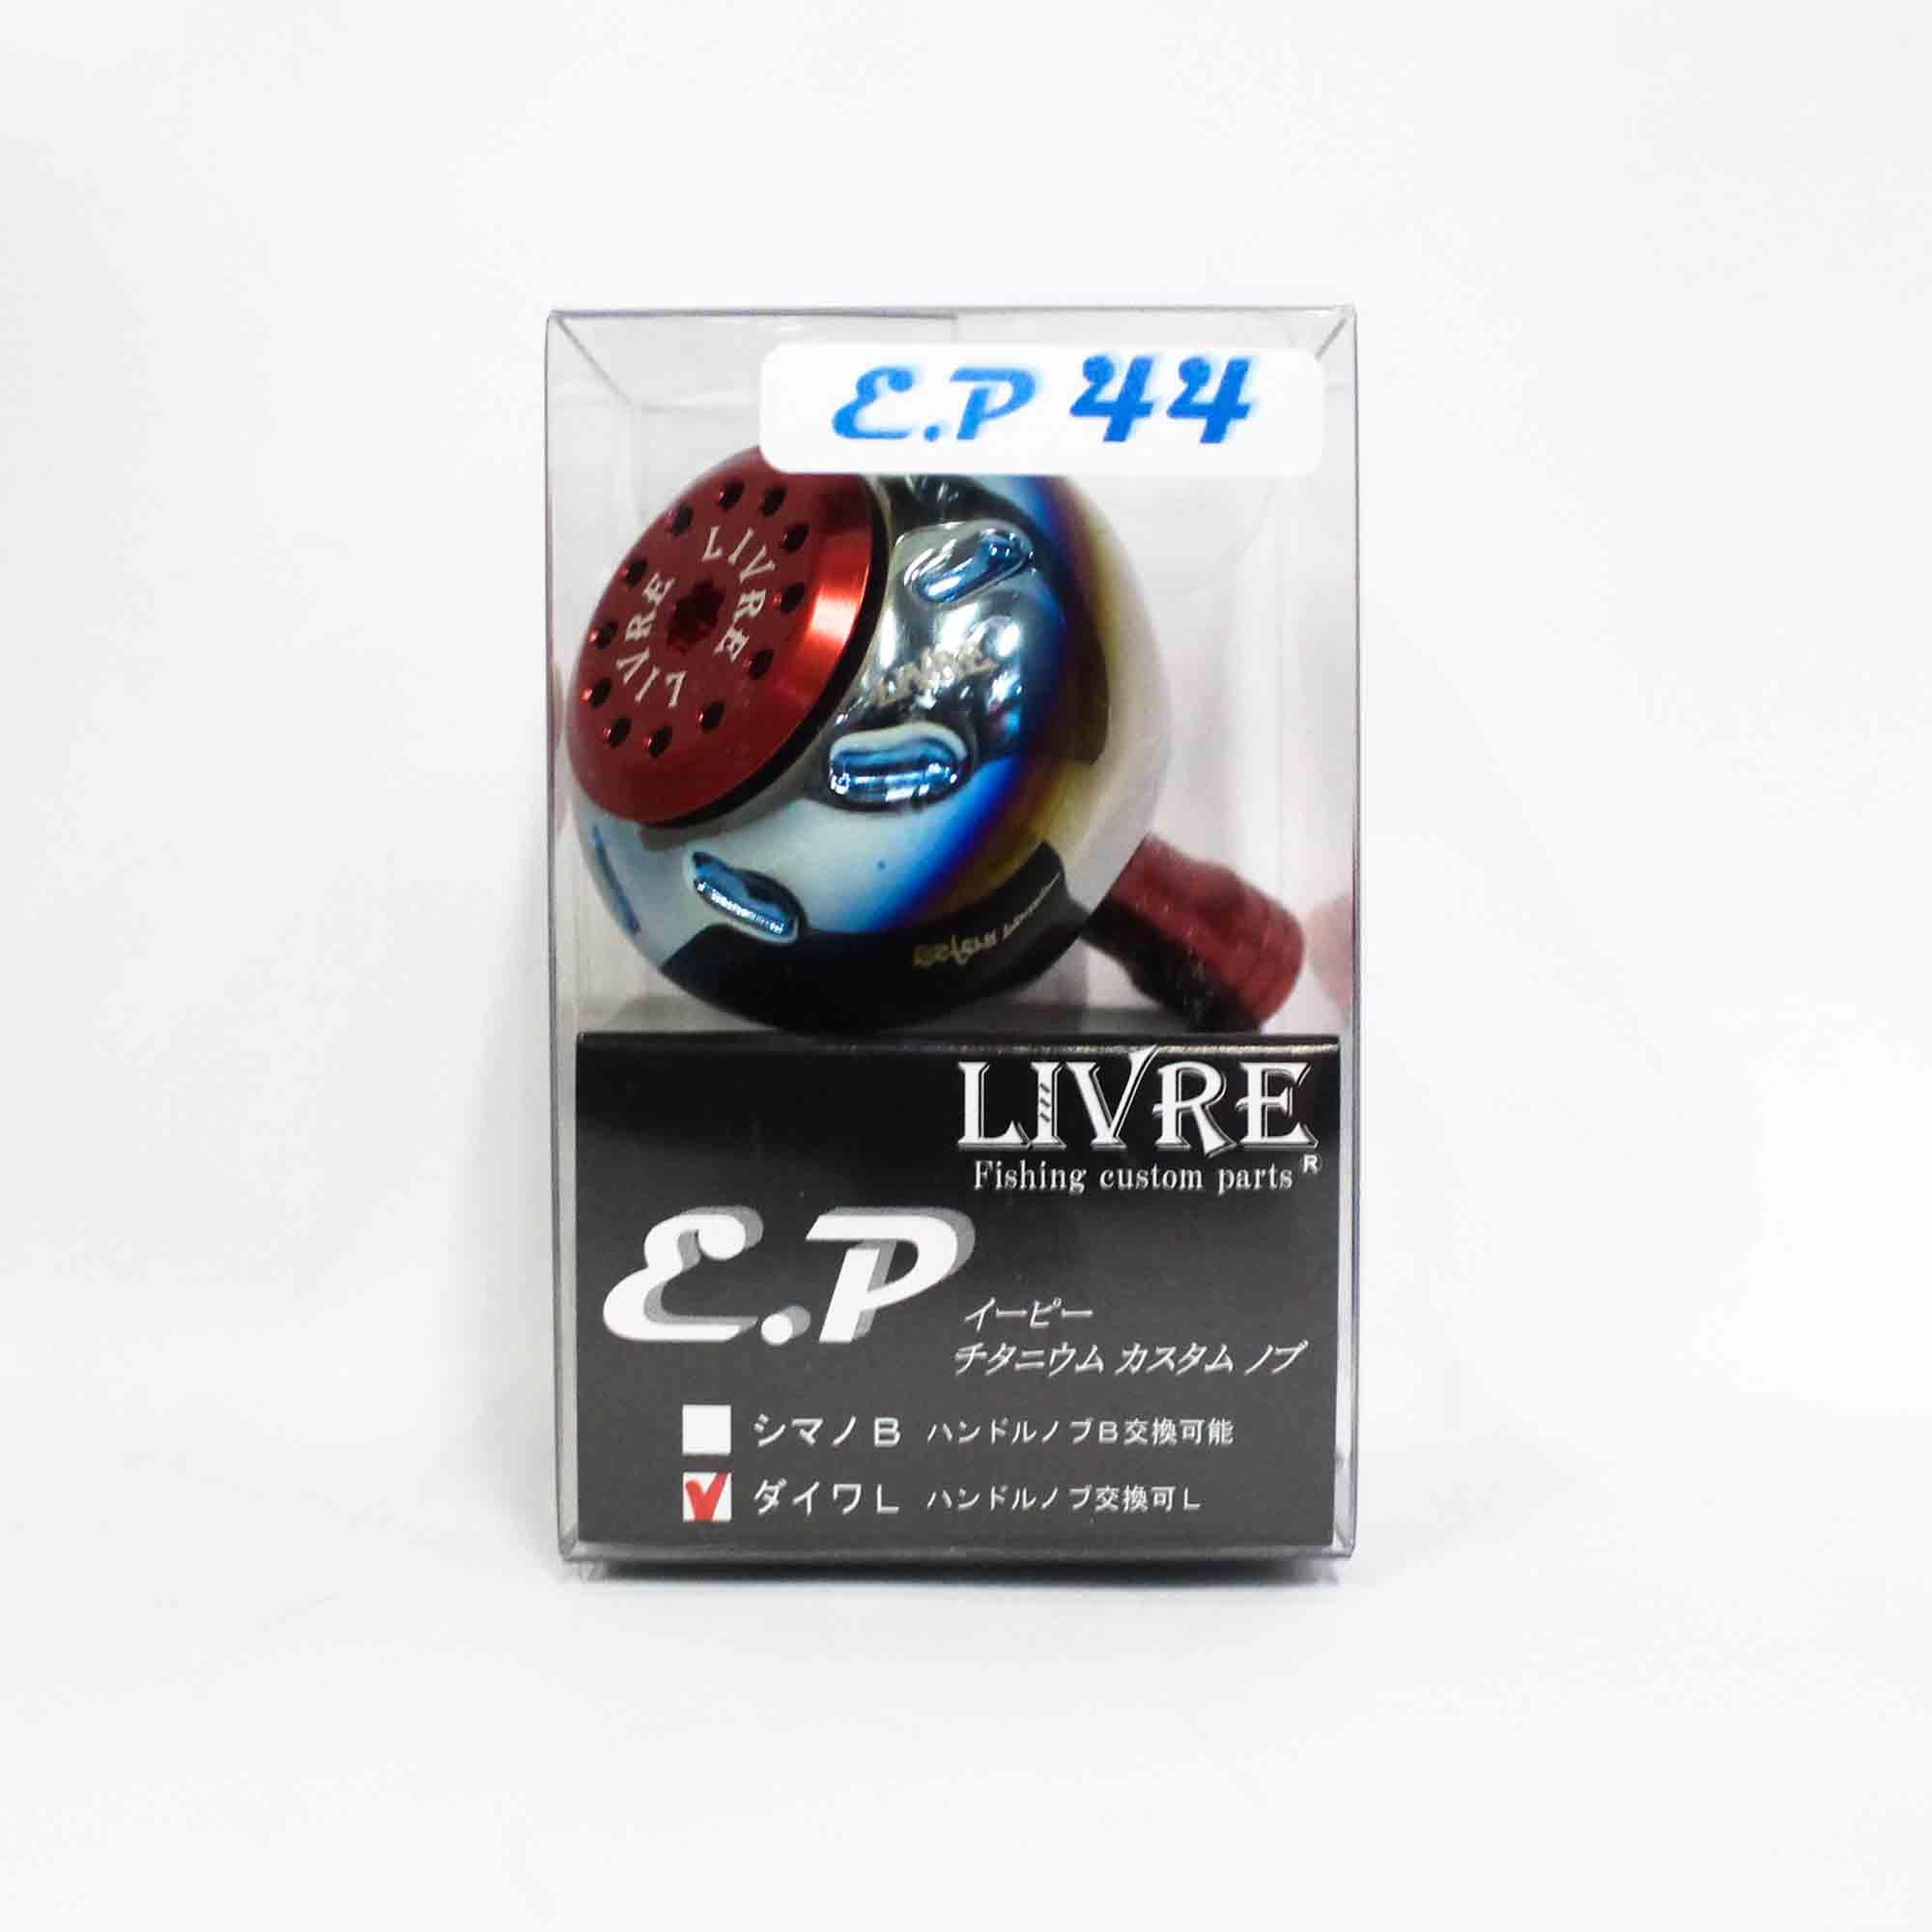 Livre E44LRE-1 Knob EP44 Shimano Daiwa (2660)